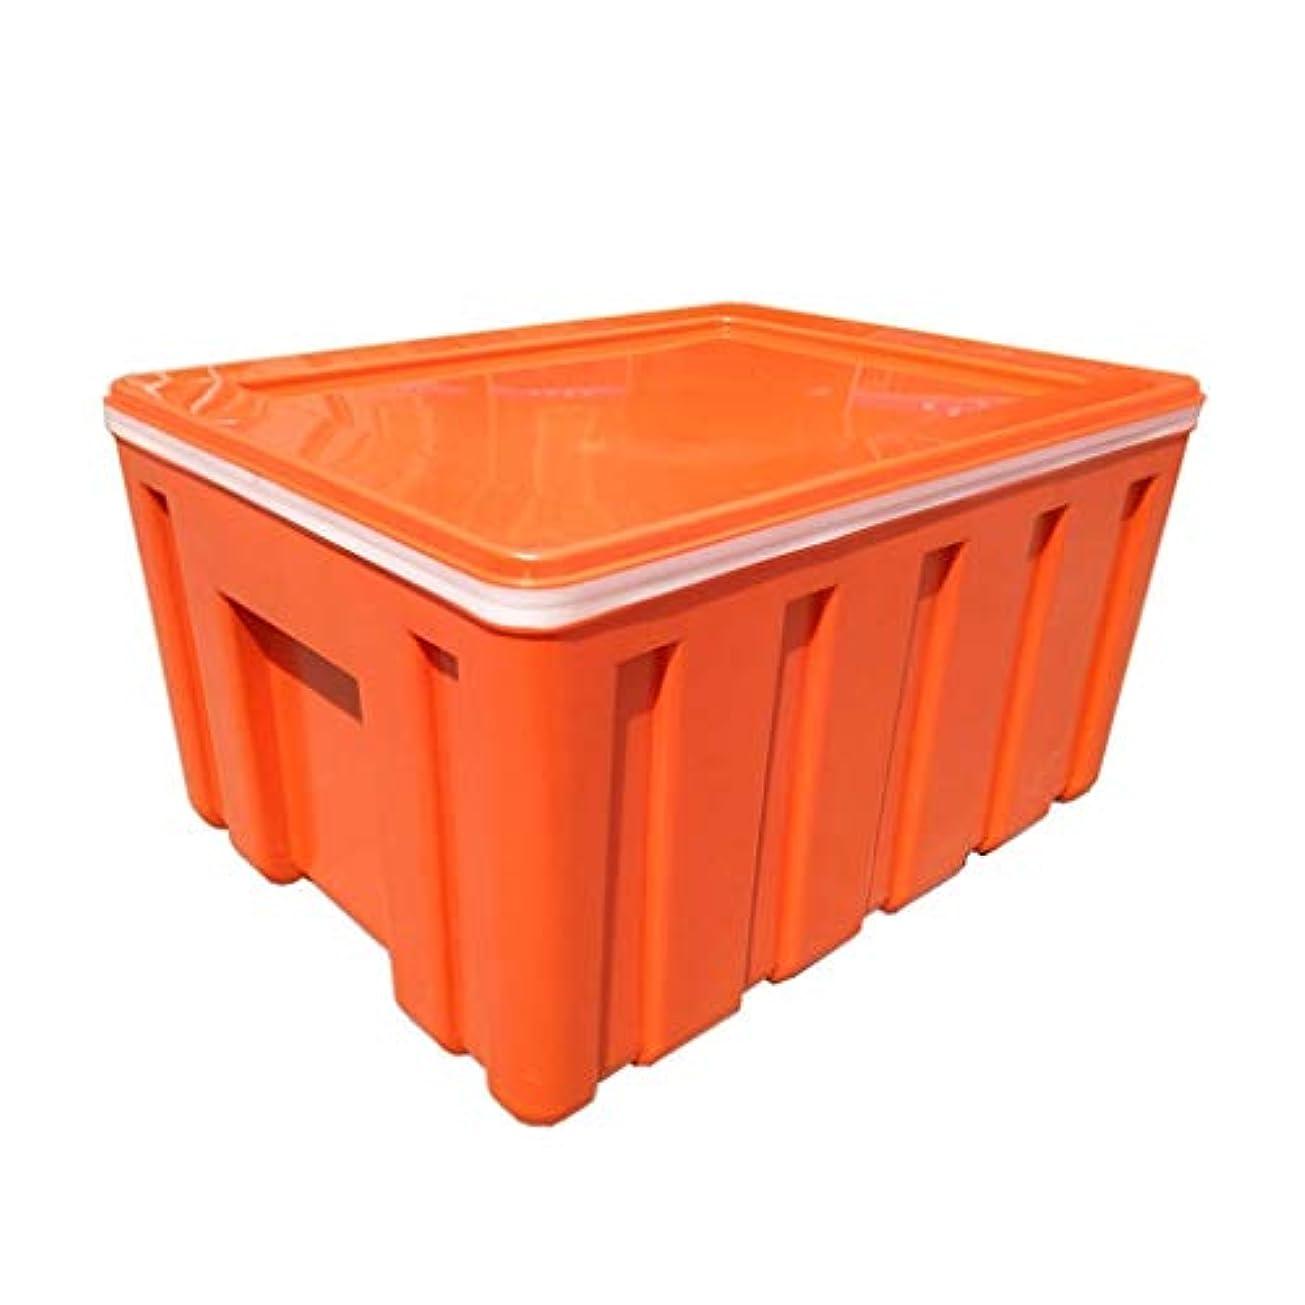 蒸留する文明リングバック食品クーラーボックス、テイクアウト多機能食品配達クーラーボックス冷凍耐久バリア絶縁耐電圧絶縁ボックス (色 : Orange)